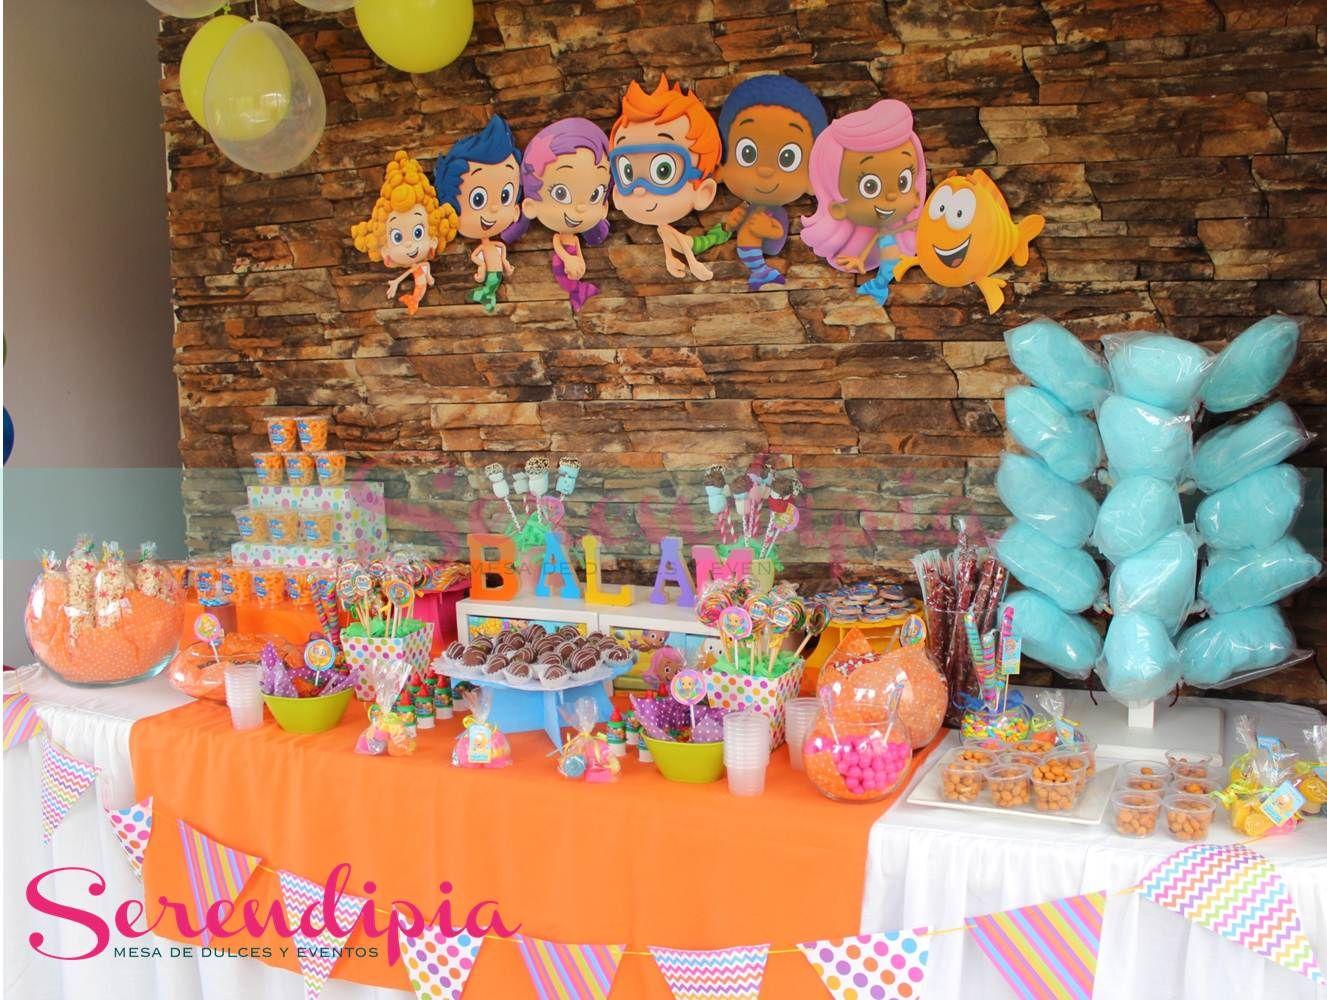 mesa de dulces bubble guppies mesas temáticas serendipia